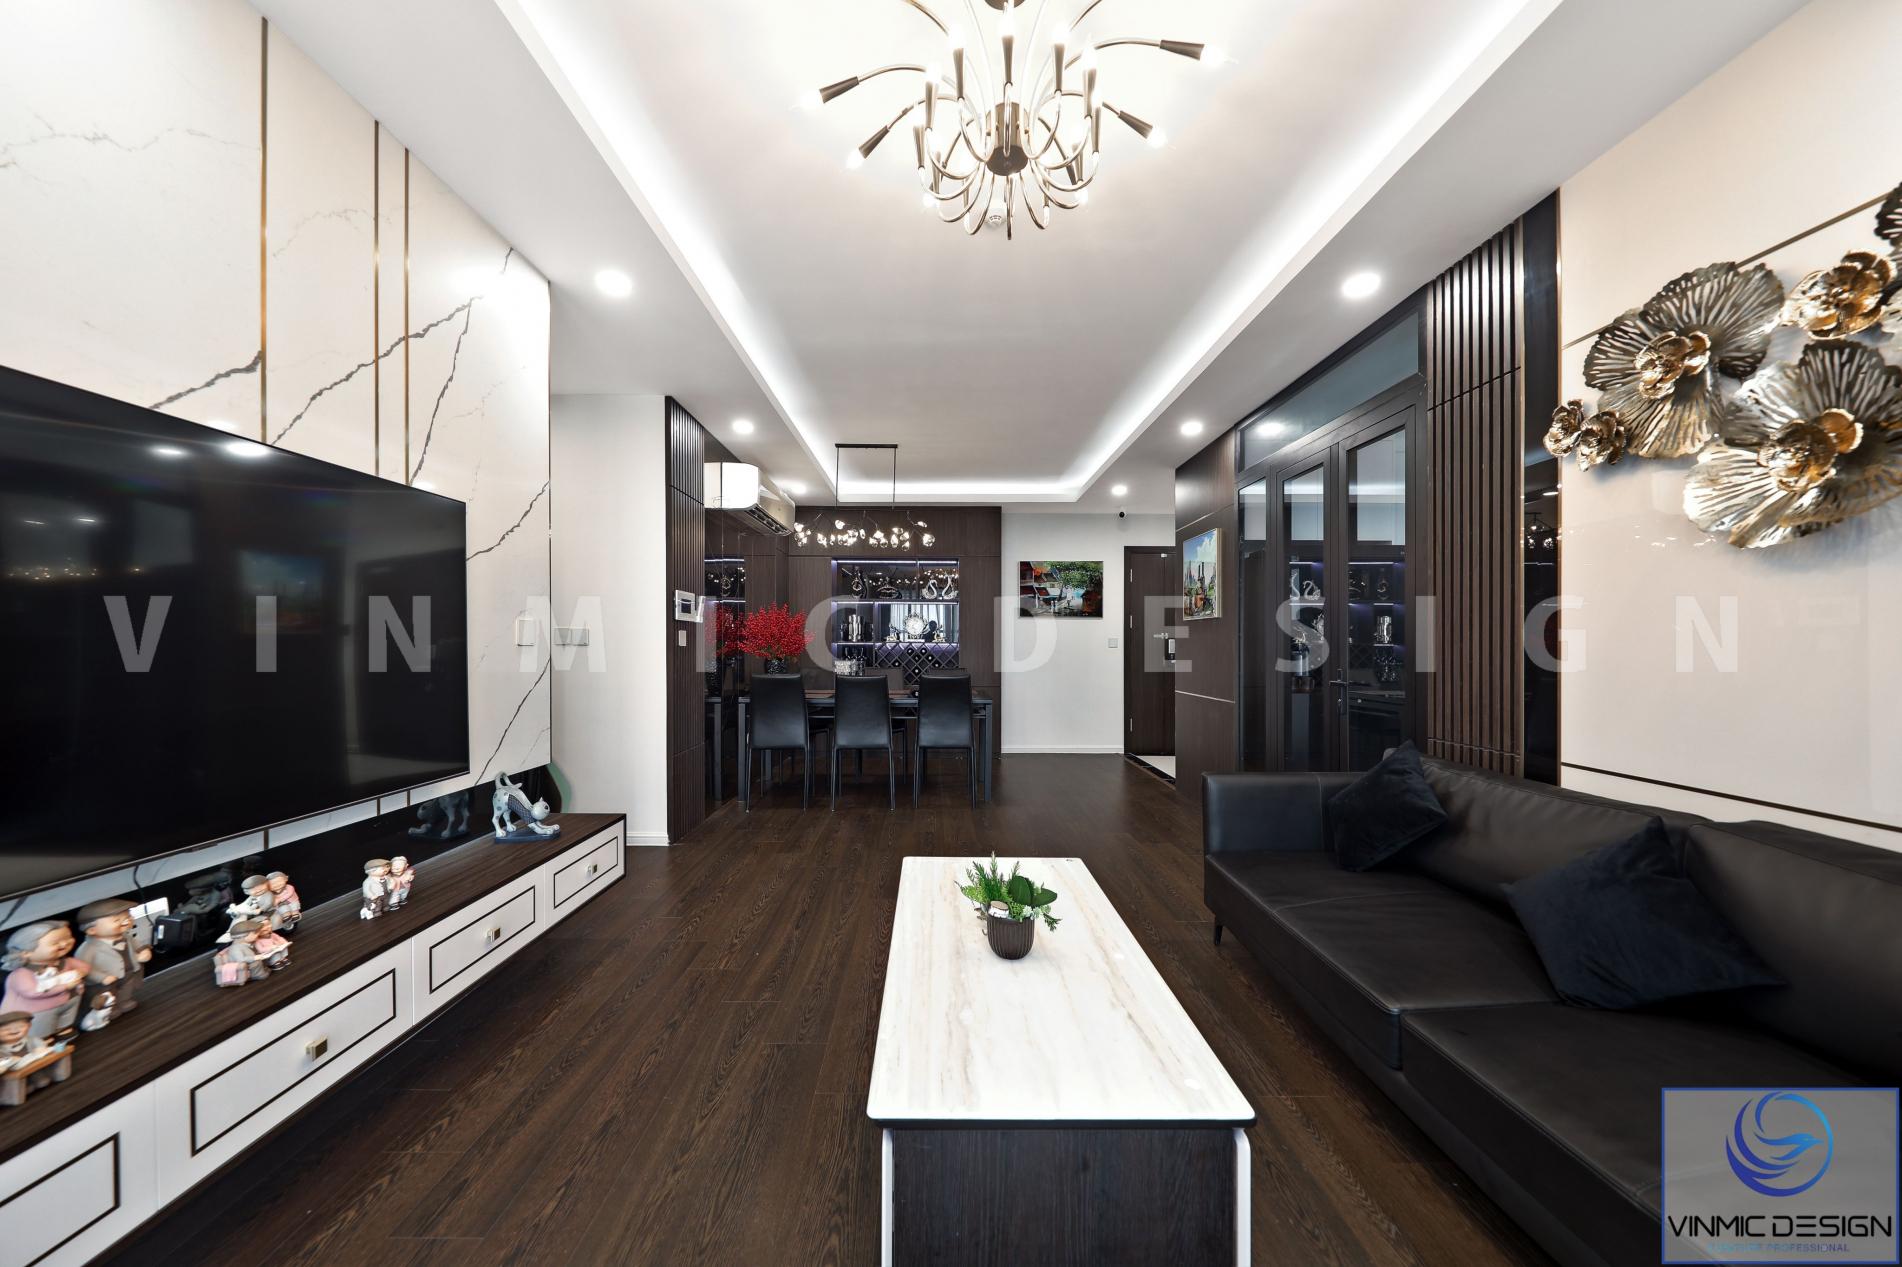 Thi công nội thất phòng khách với bàn trà đẹp và kệ tivi đẹp tại chung cư Imperia Sky Garden